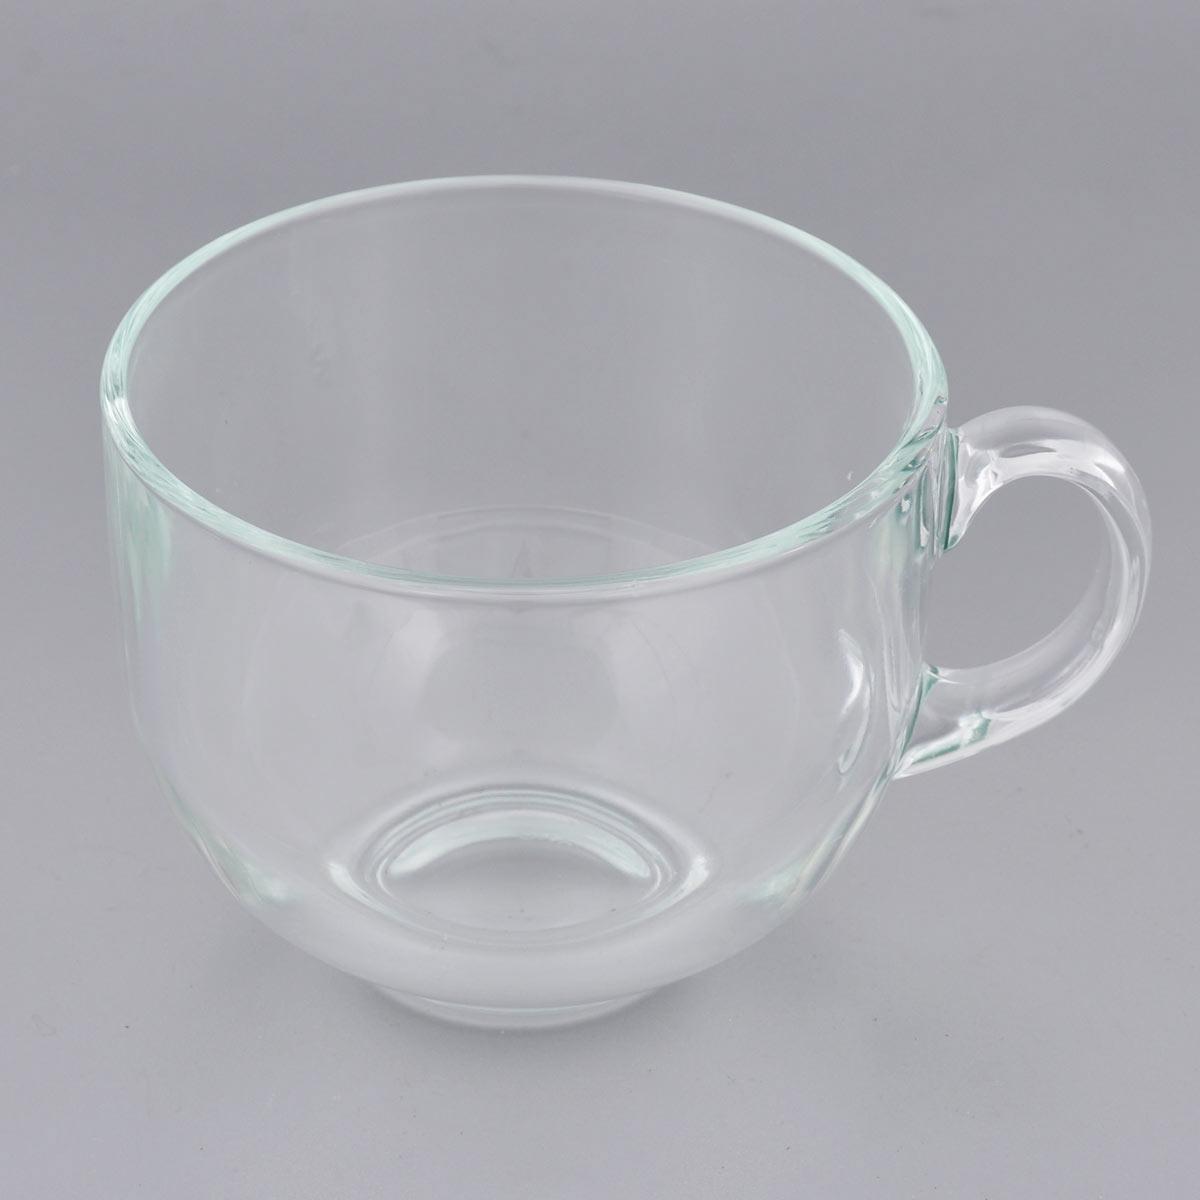 Кружка Luminarc Джамбо, цвет: прозрачный, 500 млH8503Кружка Luminarc Джамбо изготовлена из упрочнённого стекла. Такая кружка прекрасно подойдет для горячих и холодных напитков. Она дополнит коллекцию вашей кухонной посуды и будет служить долгие годы. Можно использовать в посудомоечной машине и СВЧ. Объем кружки: 500 мл. Диаметр кружки (по верхнему краю): 10,5 см. Высота стенки кружки: 8,5 см.